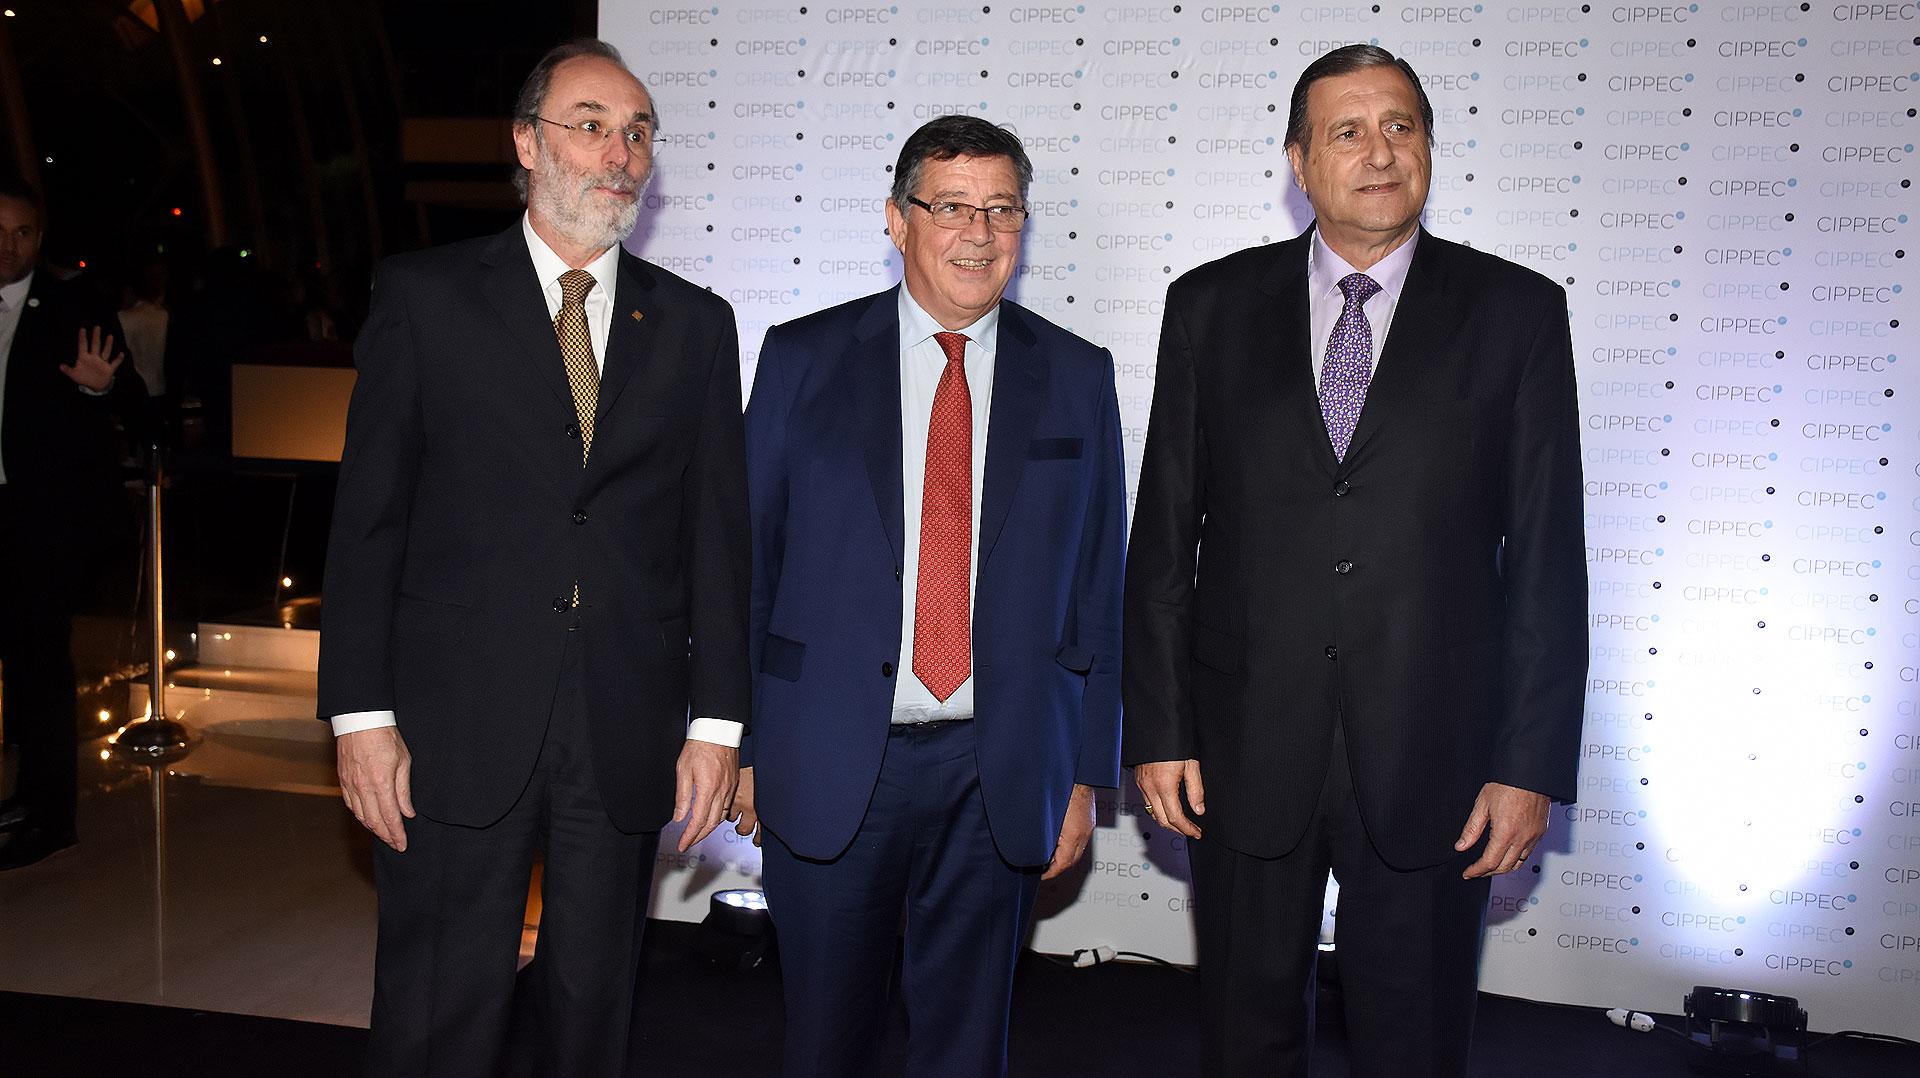 El diputado Pablo Tonelli y el senador Ángel Rozas